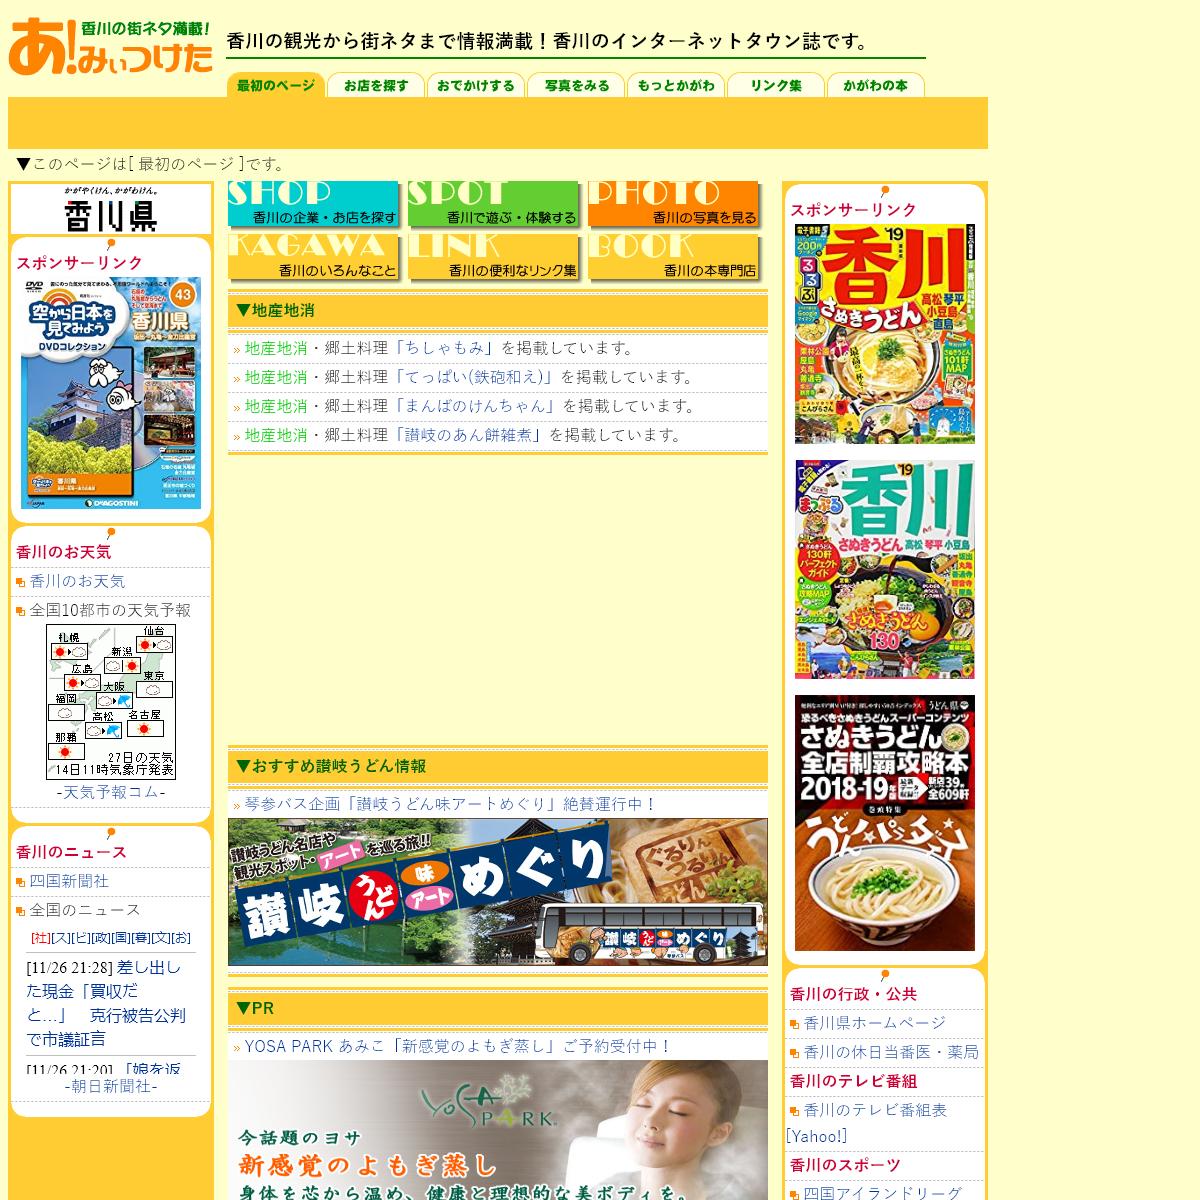 香川の観光から街ネタまで情報満載「あ!みぃつけた」